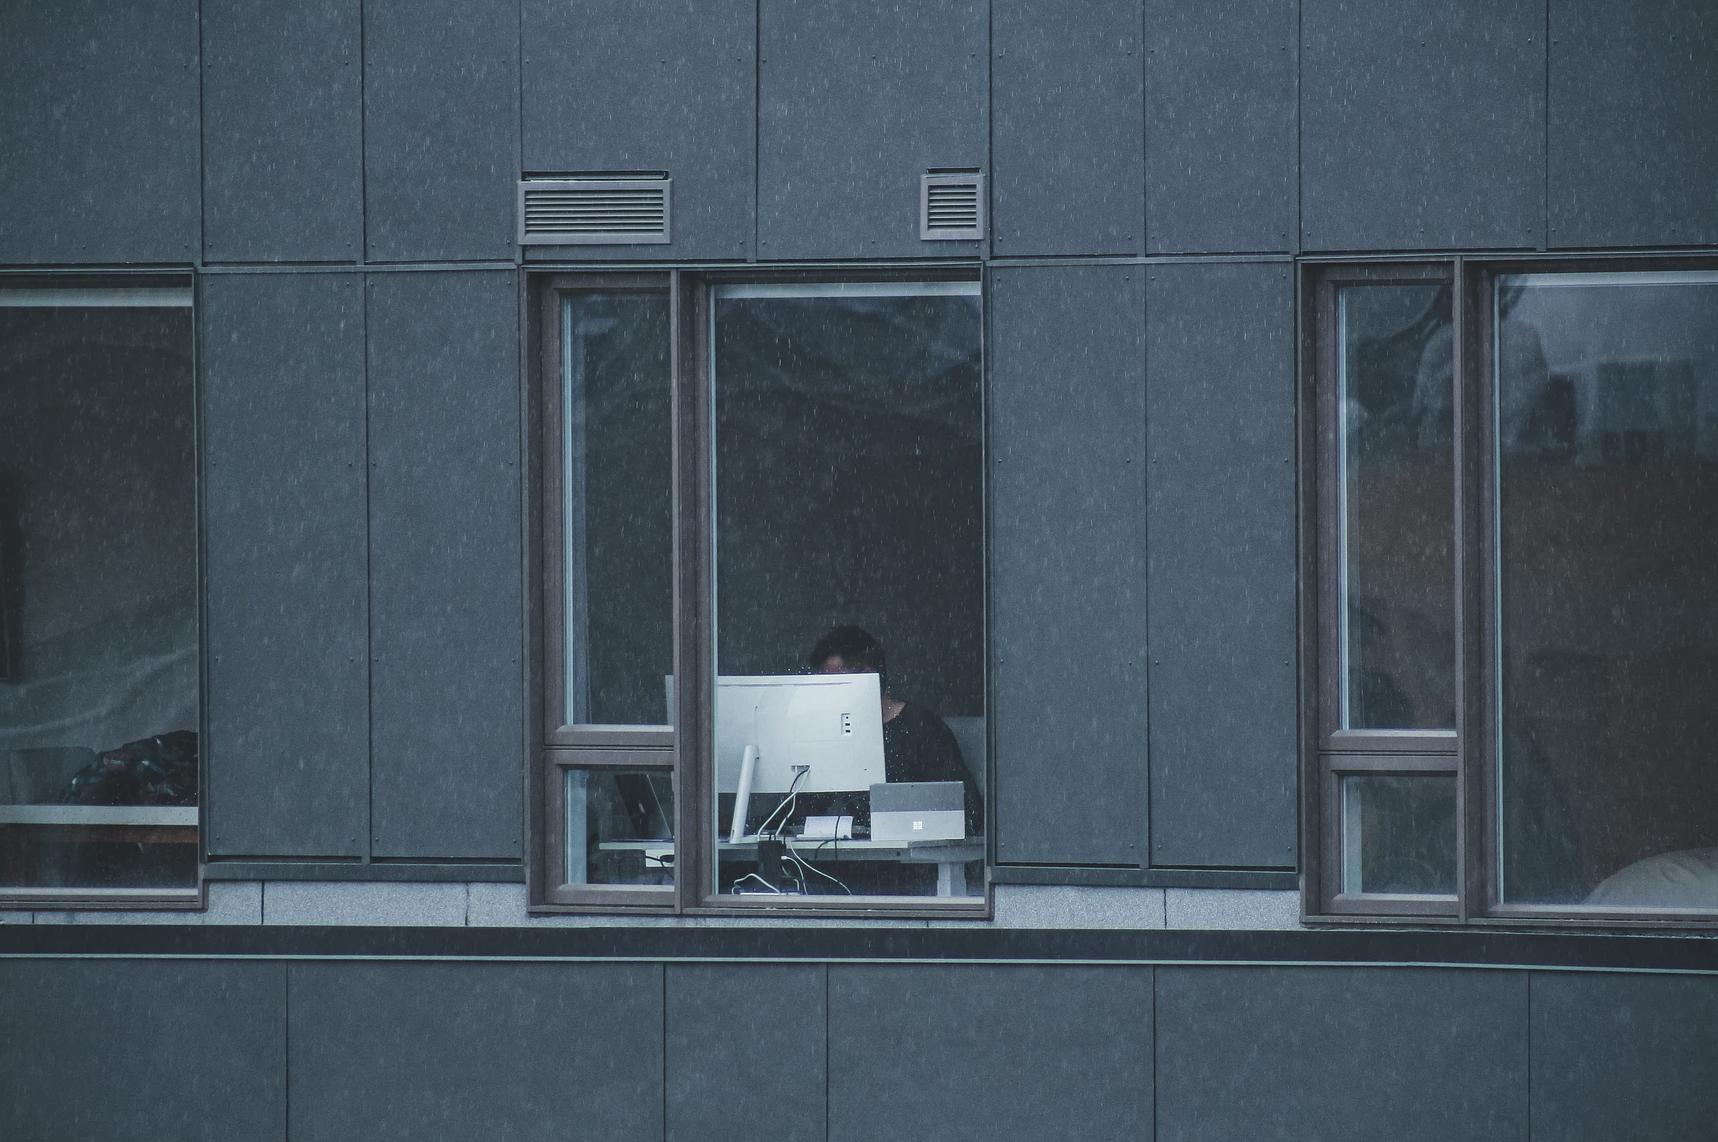 Badanie Fortinet: dwie trzecie firm było celem co najmniej jednego ataku typu ransomware